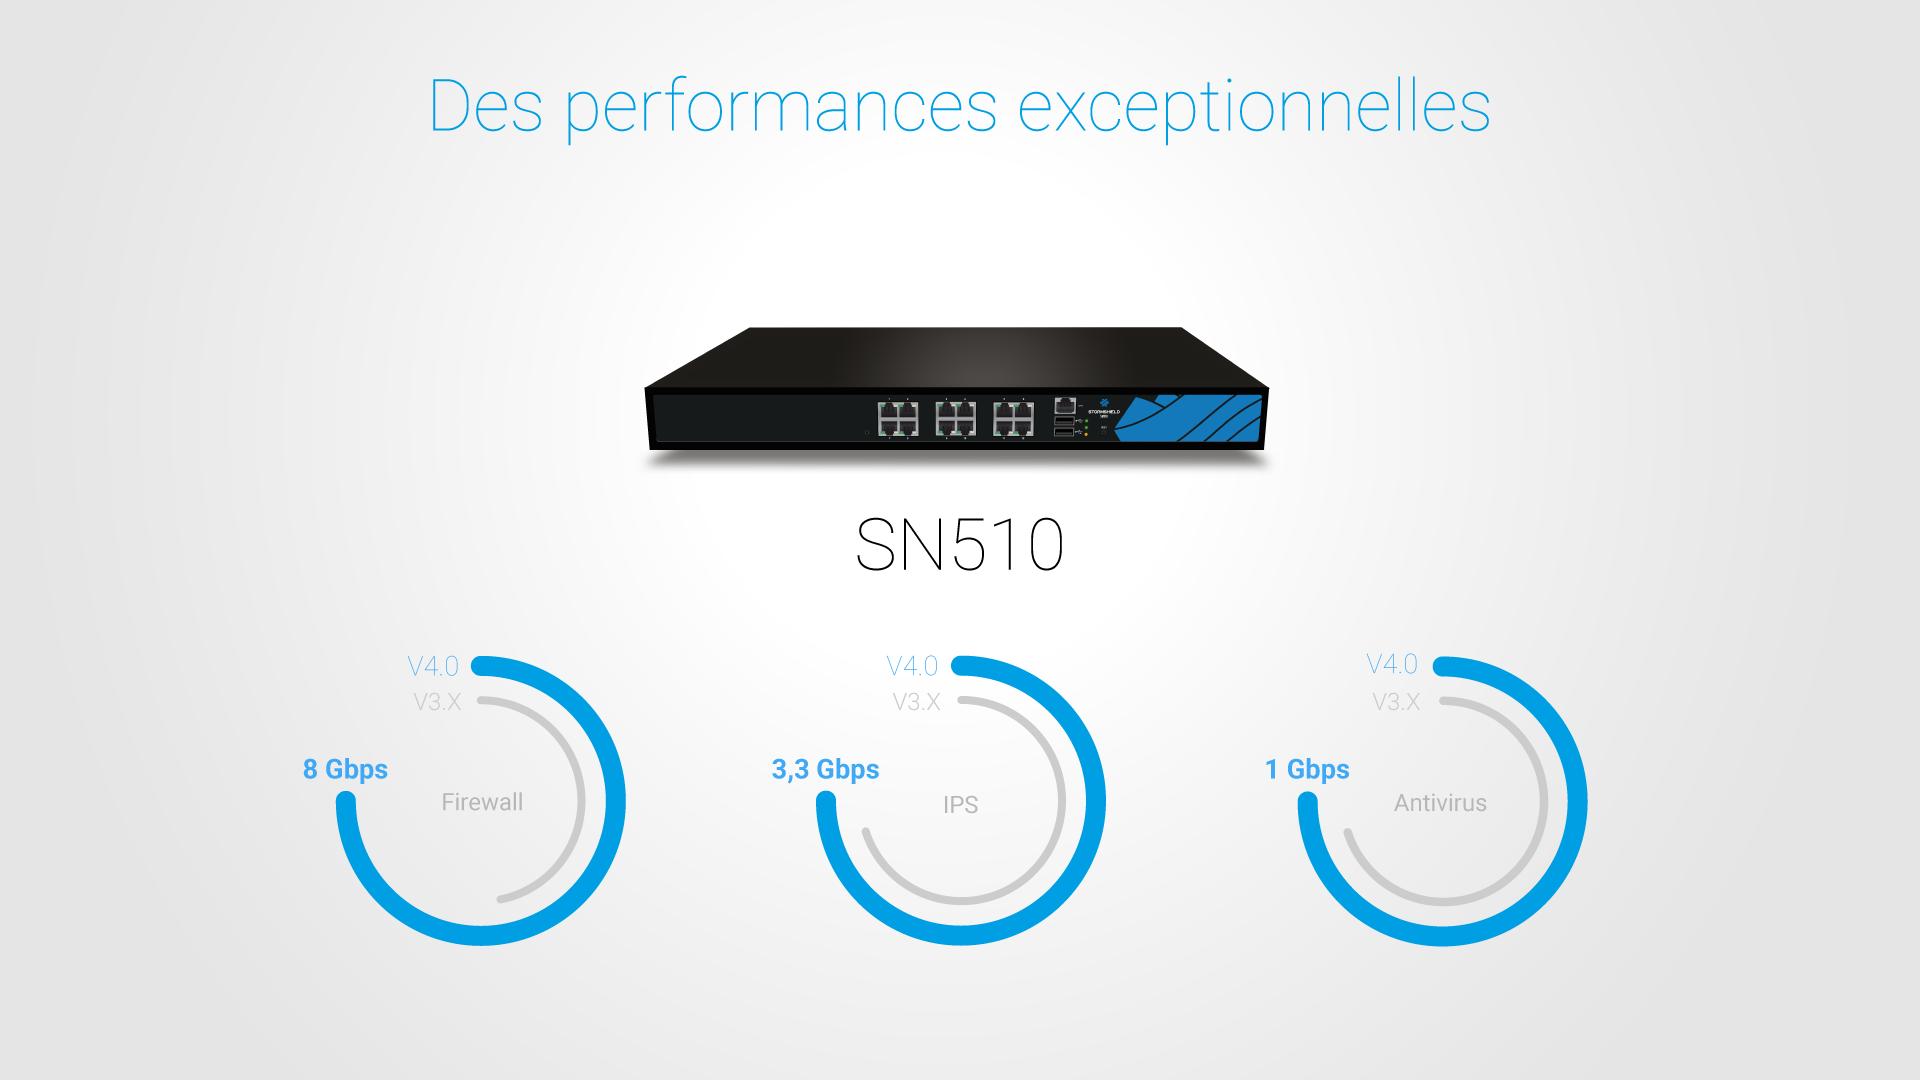 SNS V4.0 : des performances exceptionnelles Firewall, IPS et Antivirus pour le SN510